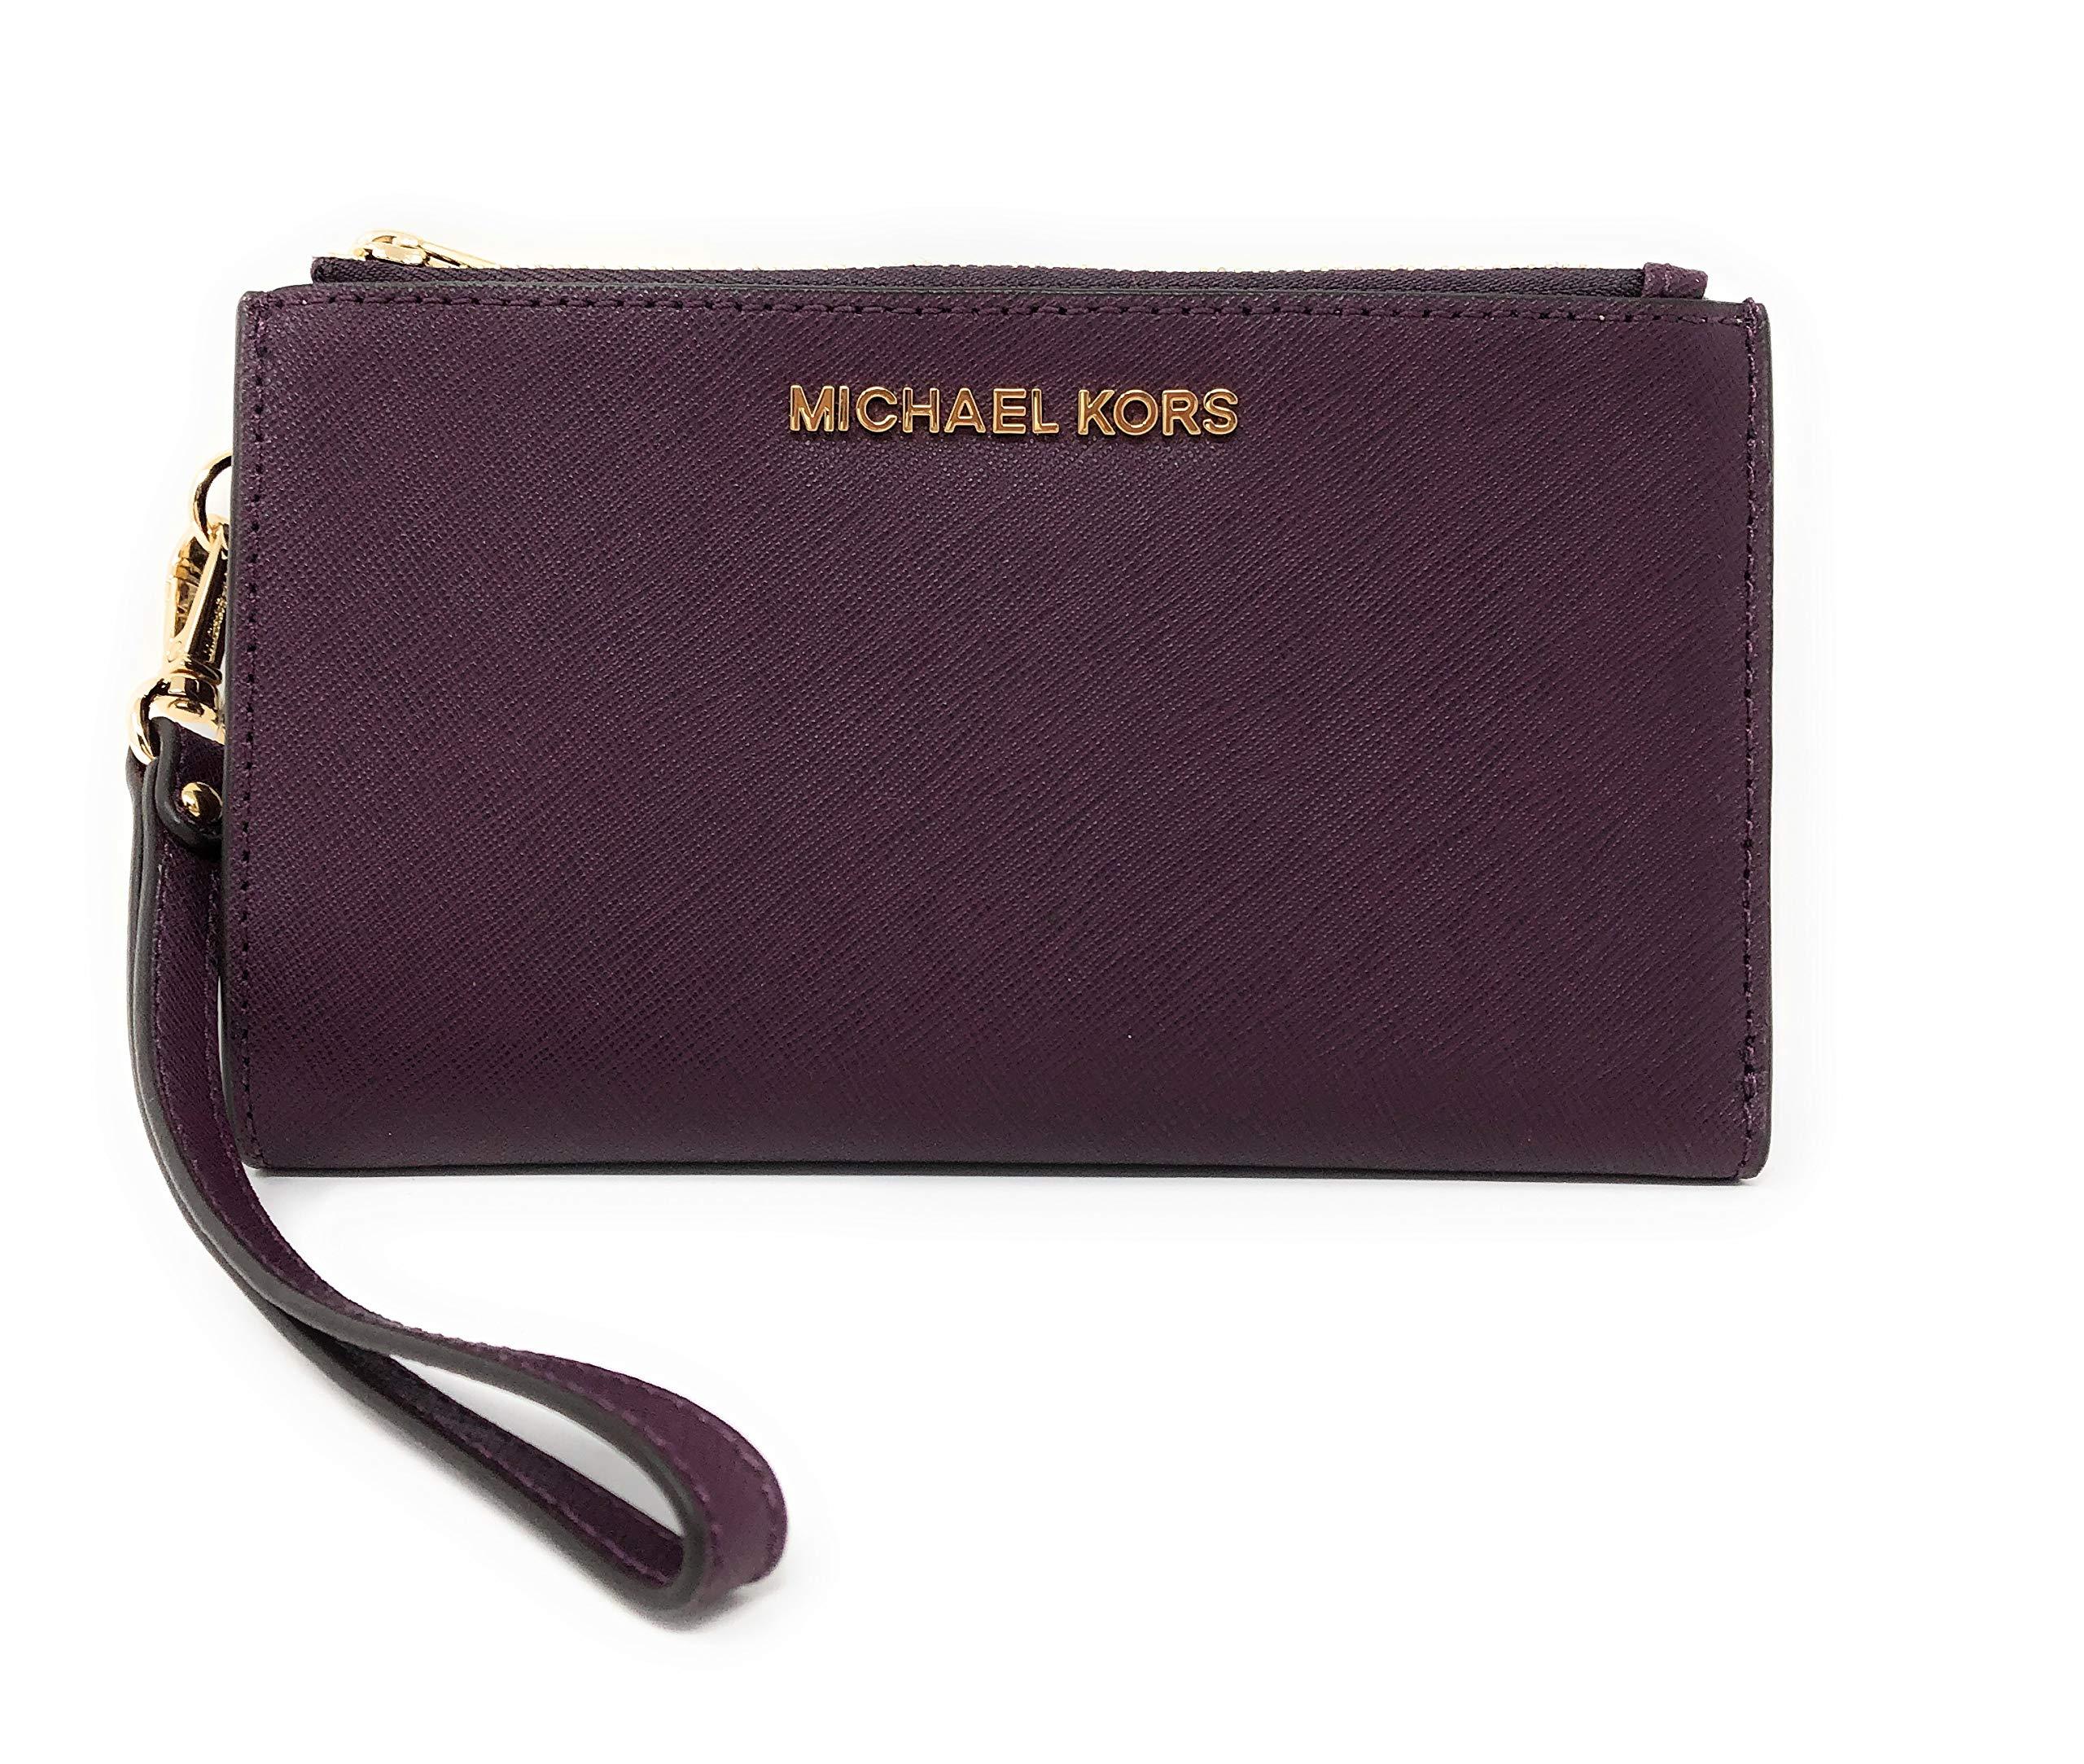 Michael Kors Jet Set Travel Double Zip Saffiano Leather Wristlet Wallet (Damson)